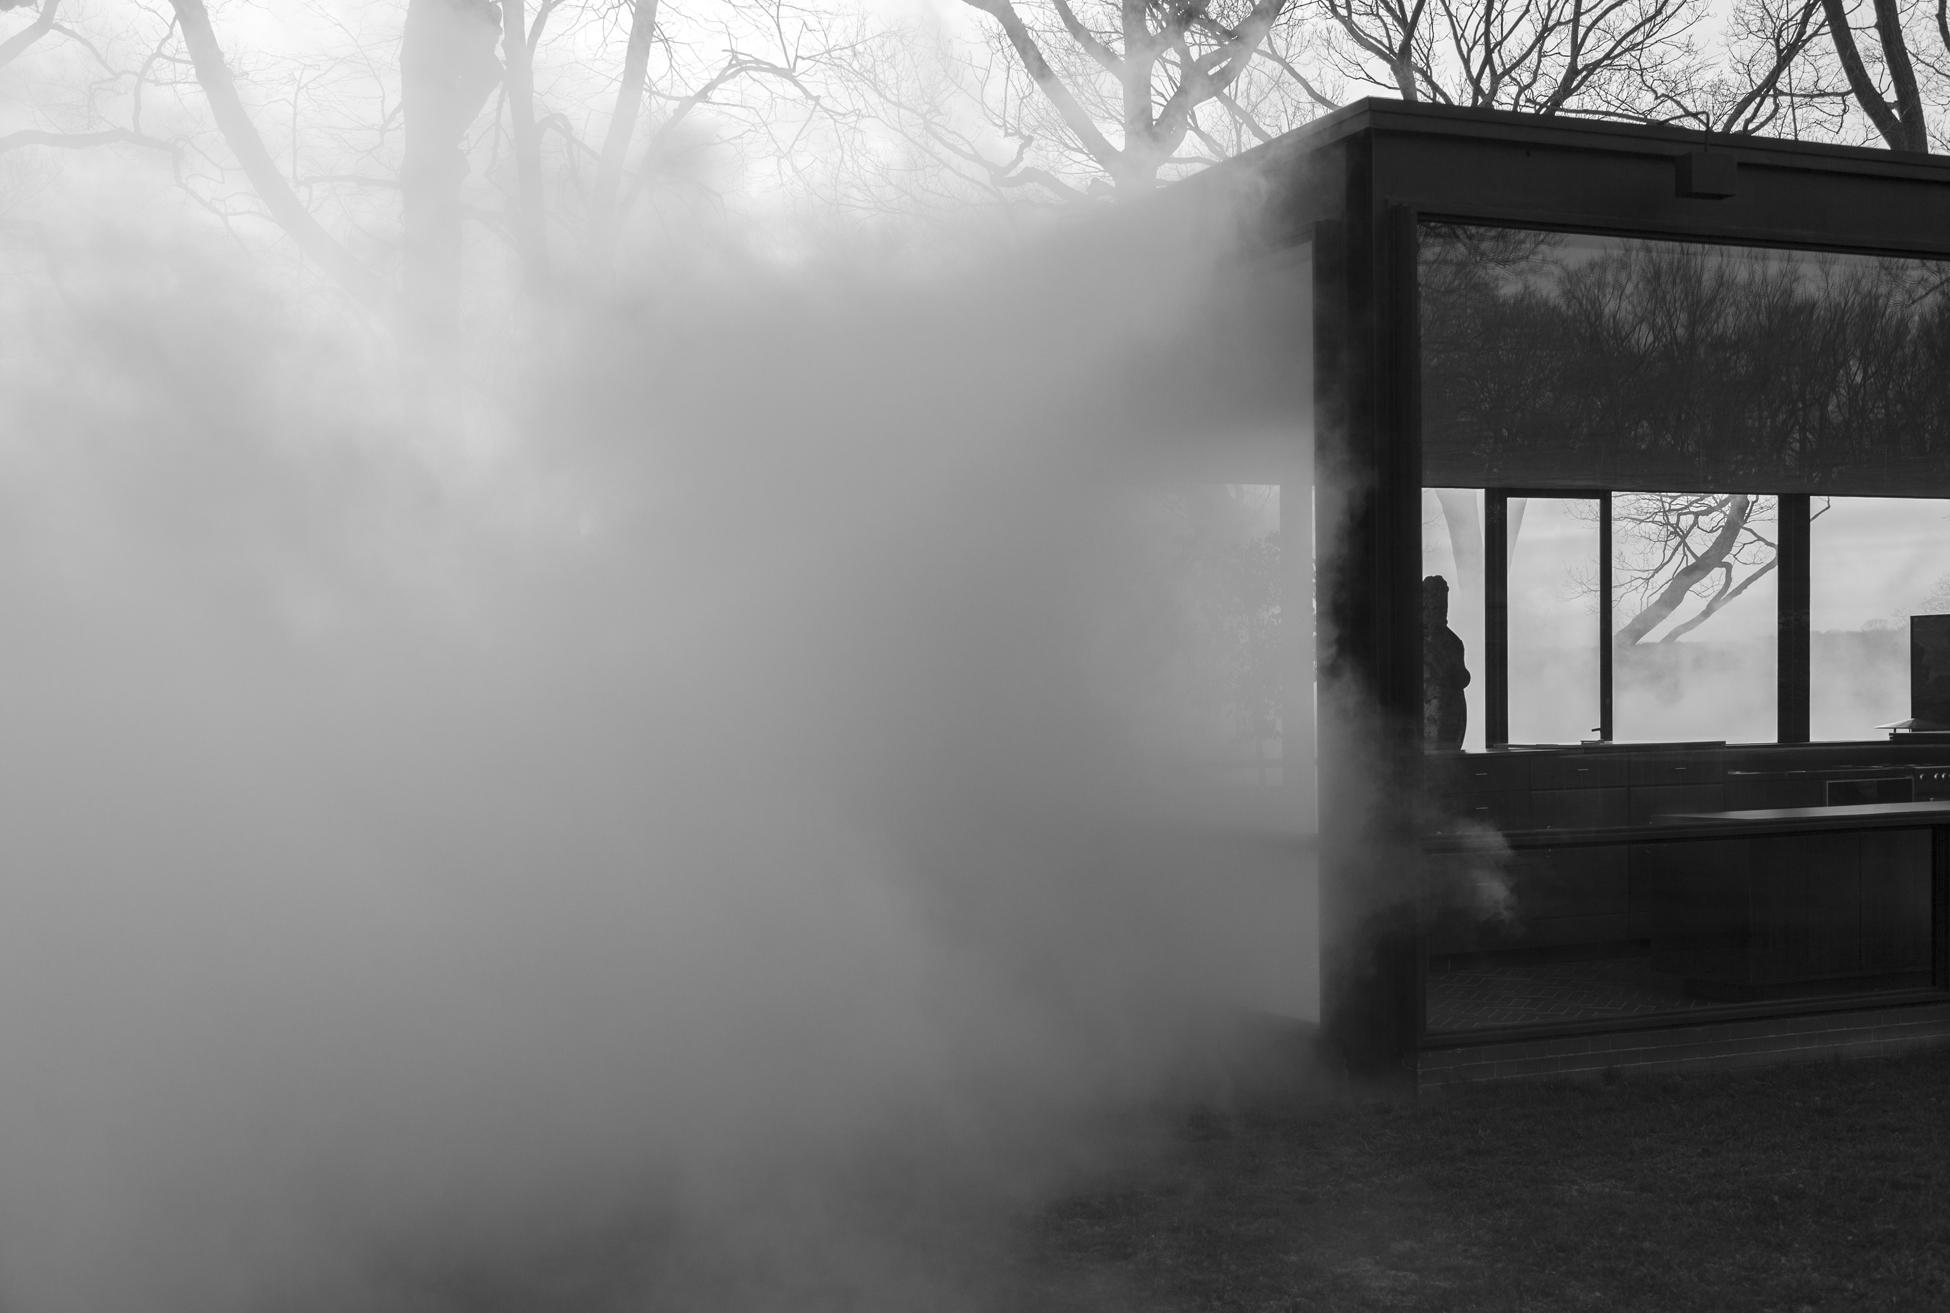 GlassHouse_Fog_114.jpg